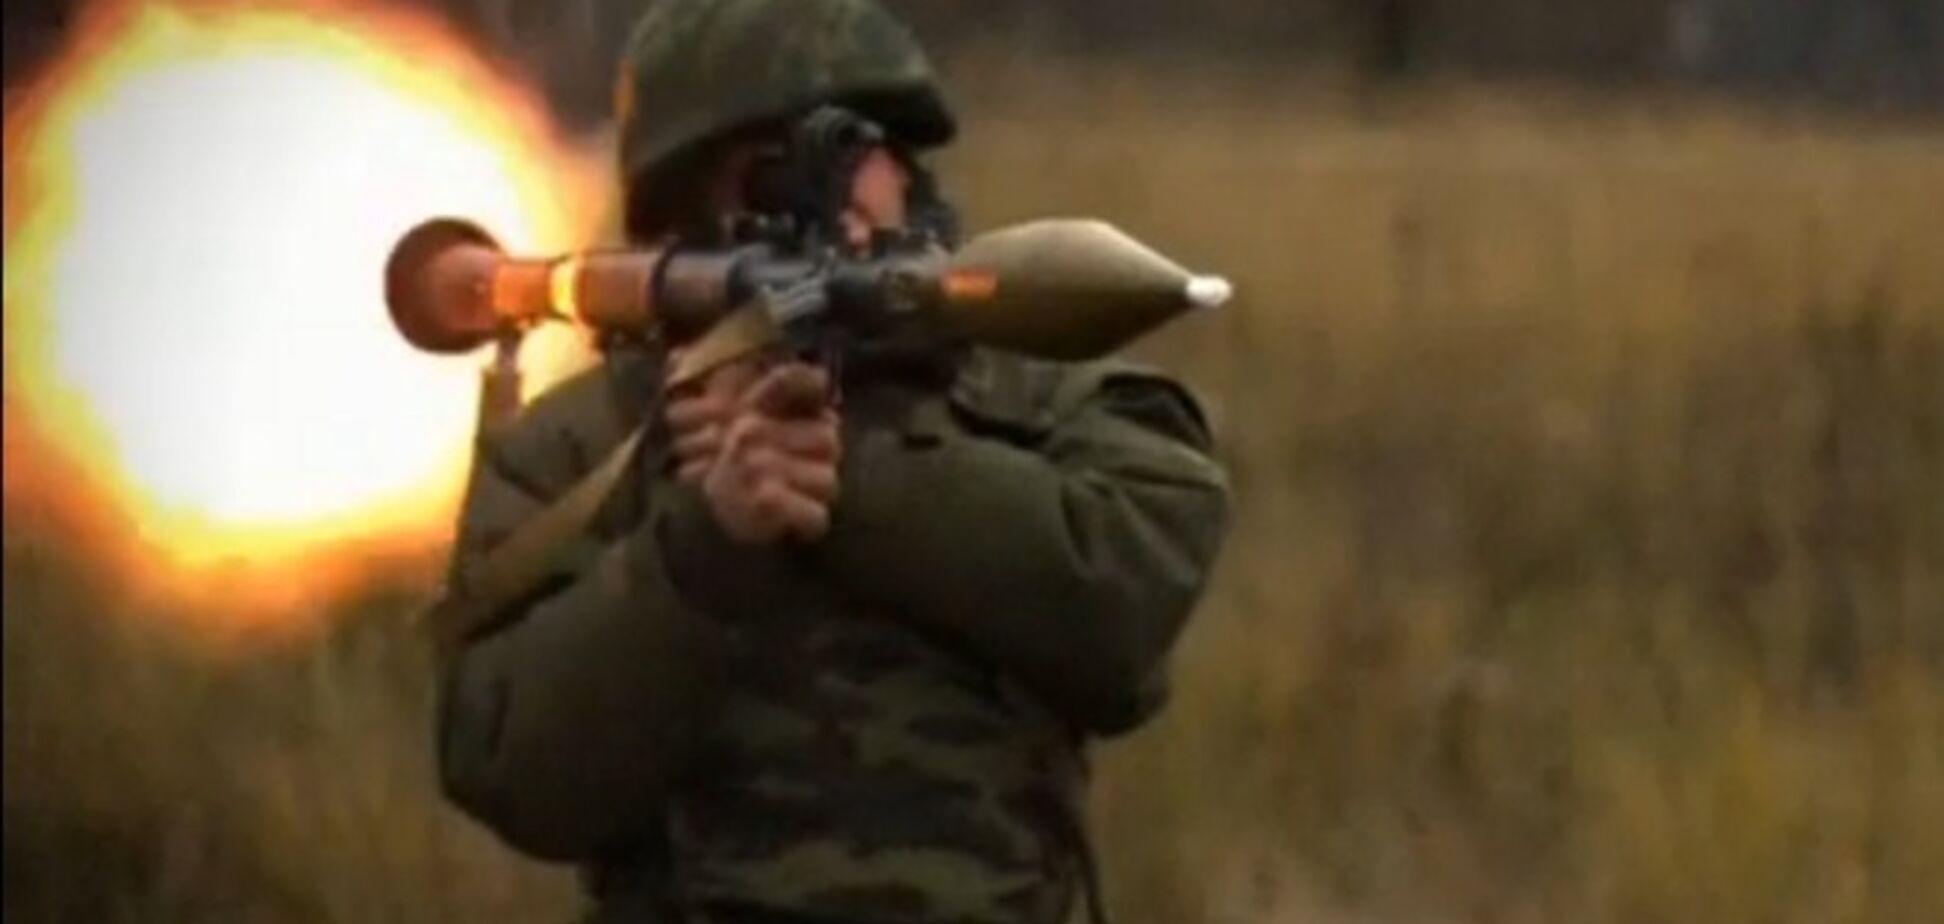 В Харькове ночью из гранатомета обстреляли офис помощников сил АТО